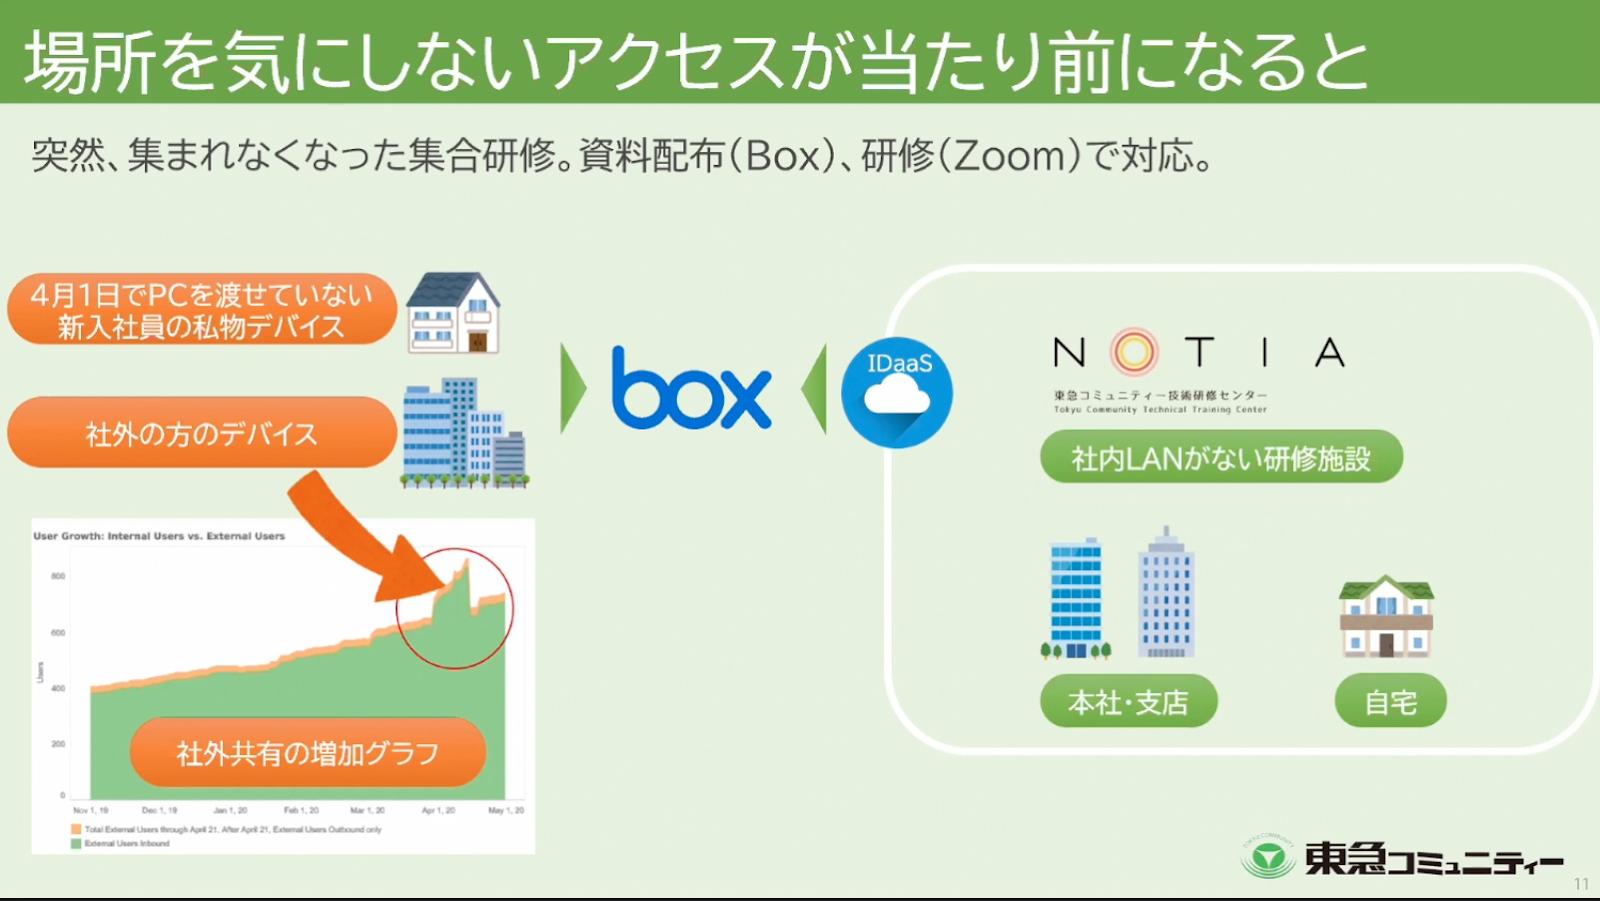 研修におけるBox活用